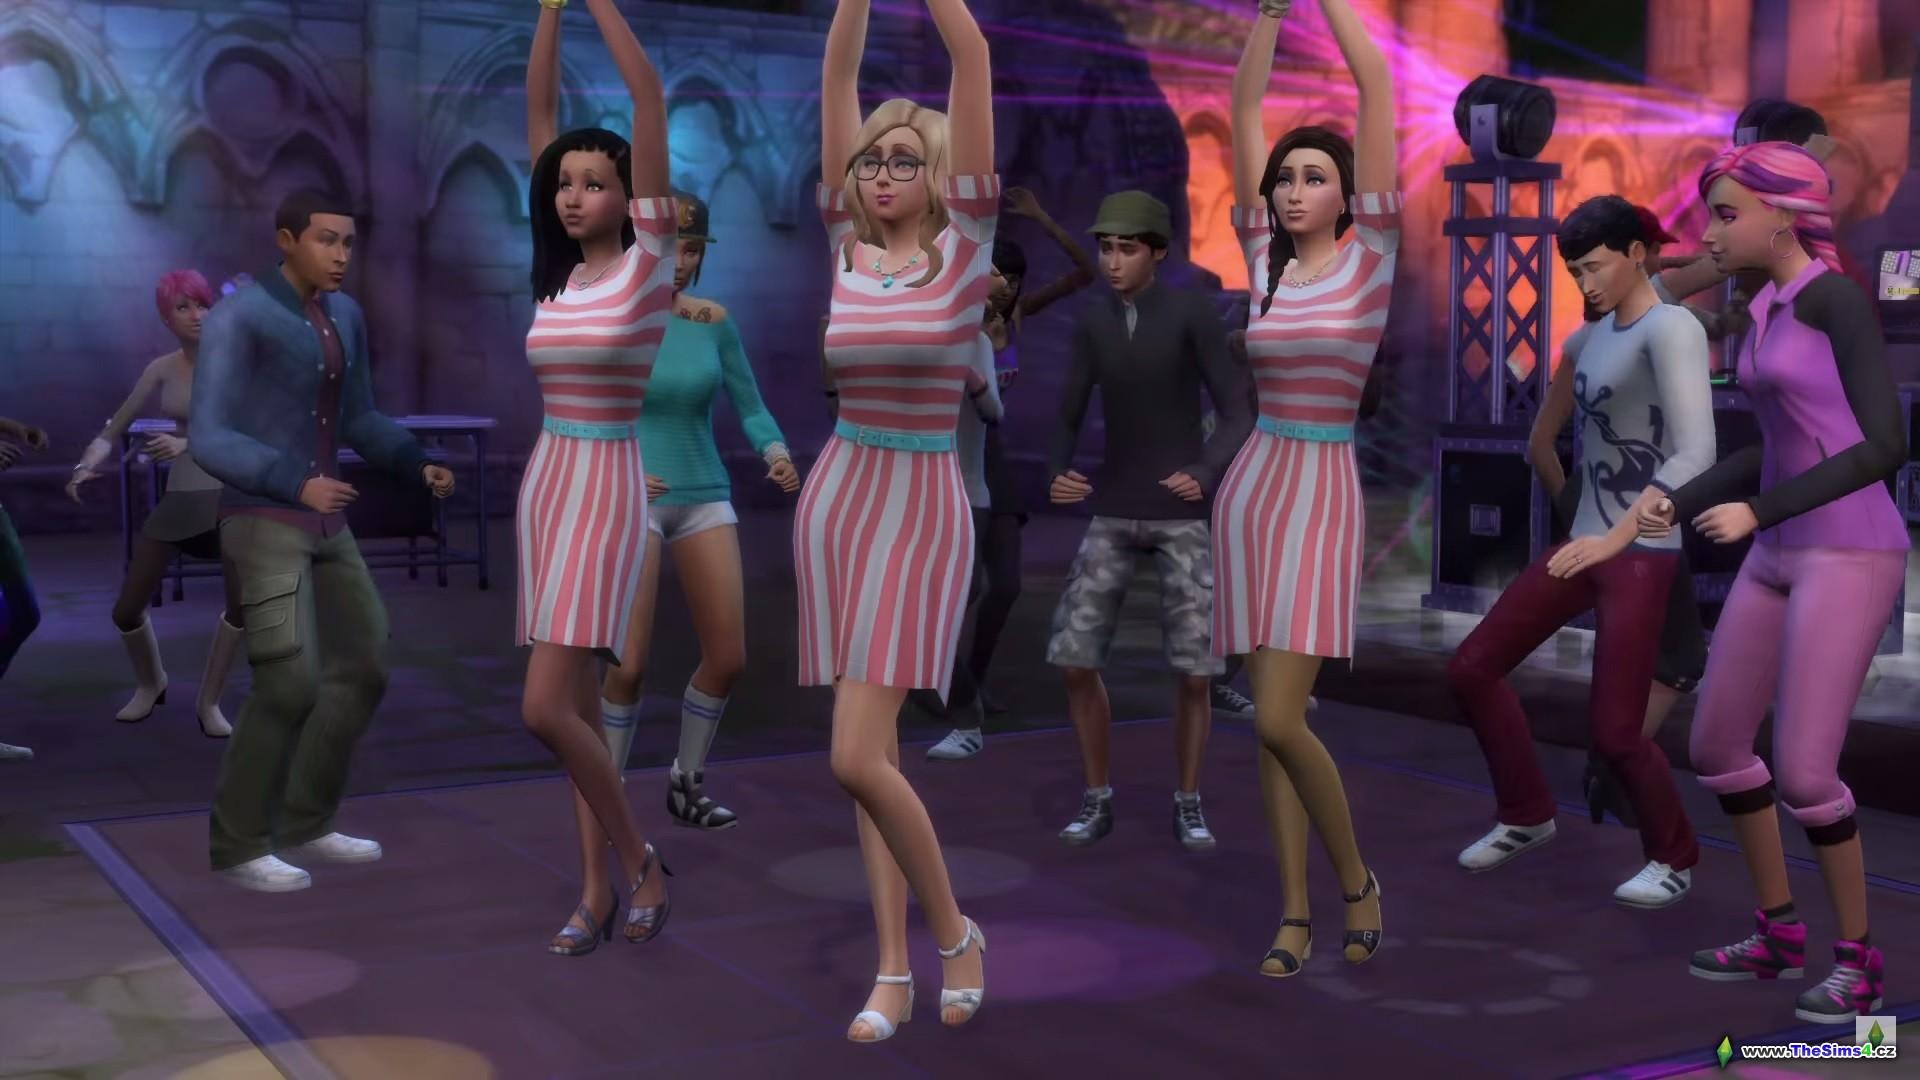 The Sims 4: Společná zábava na párty